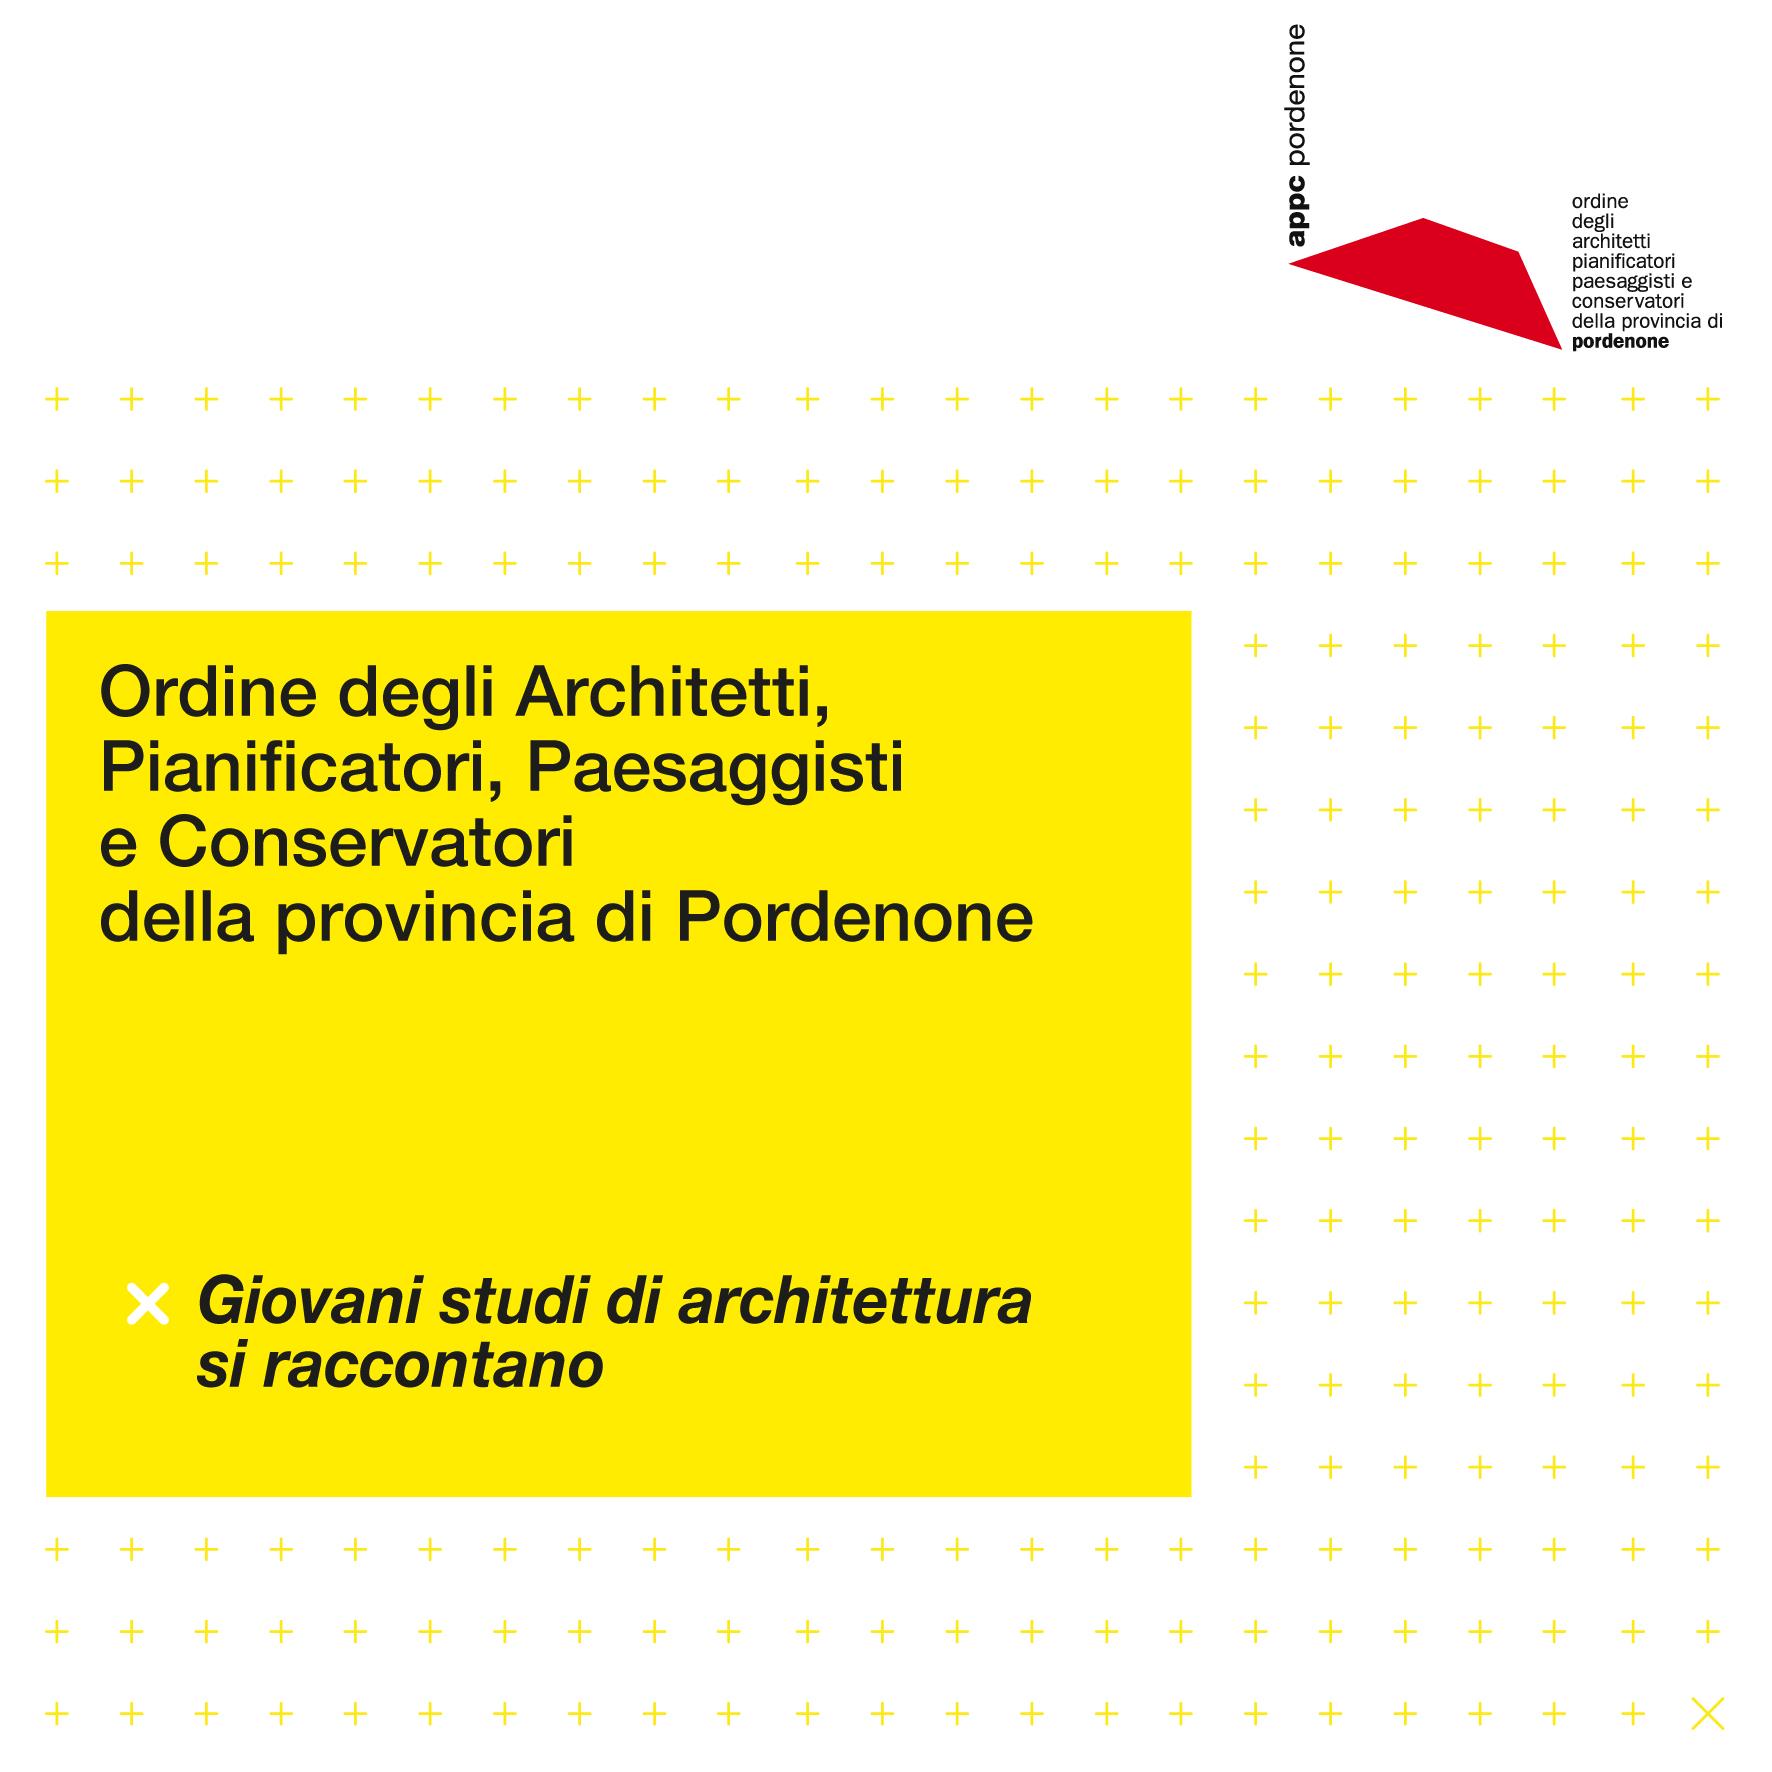 Giovani studi di architettura si raccontano